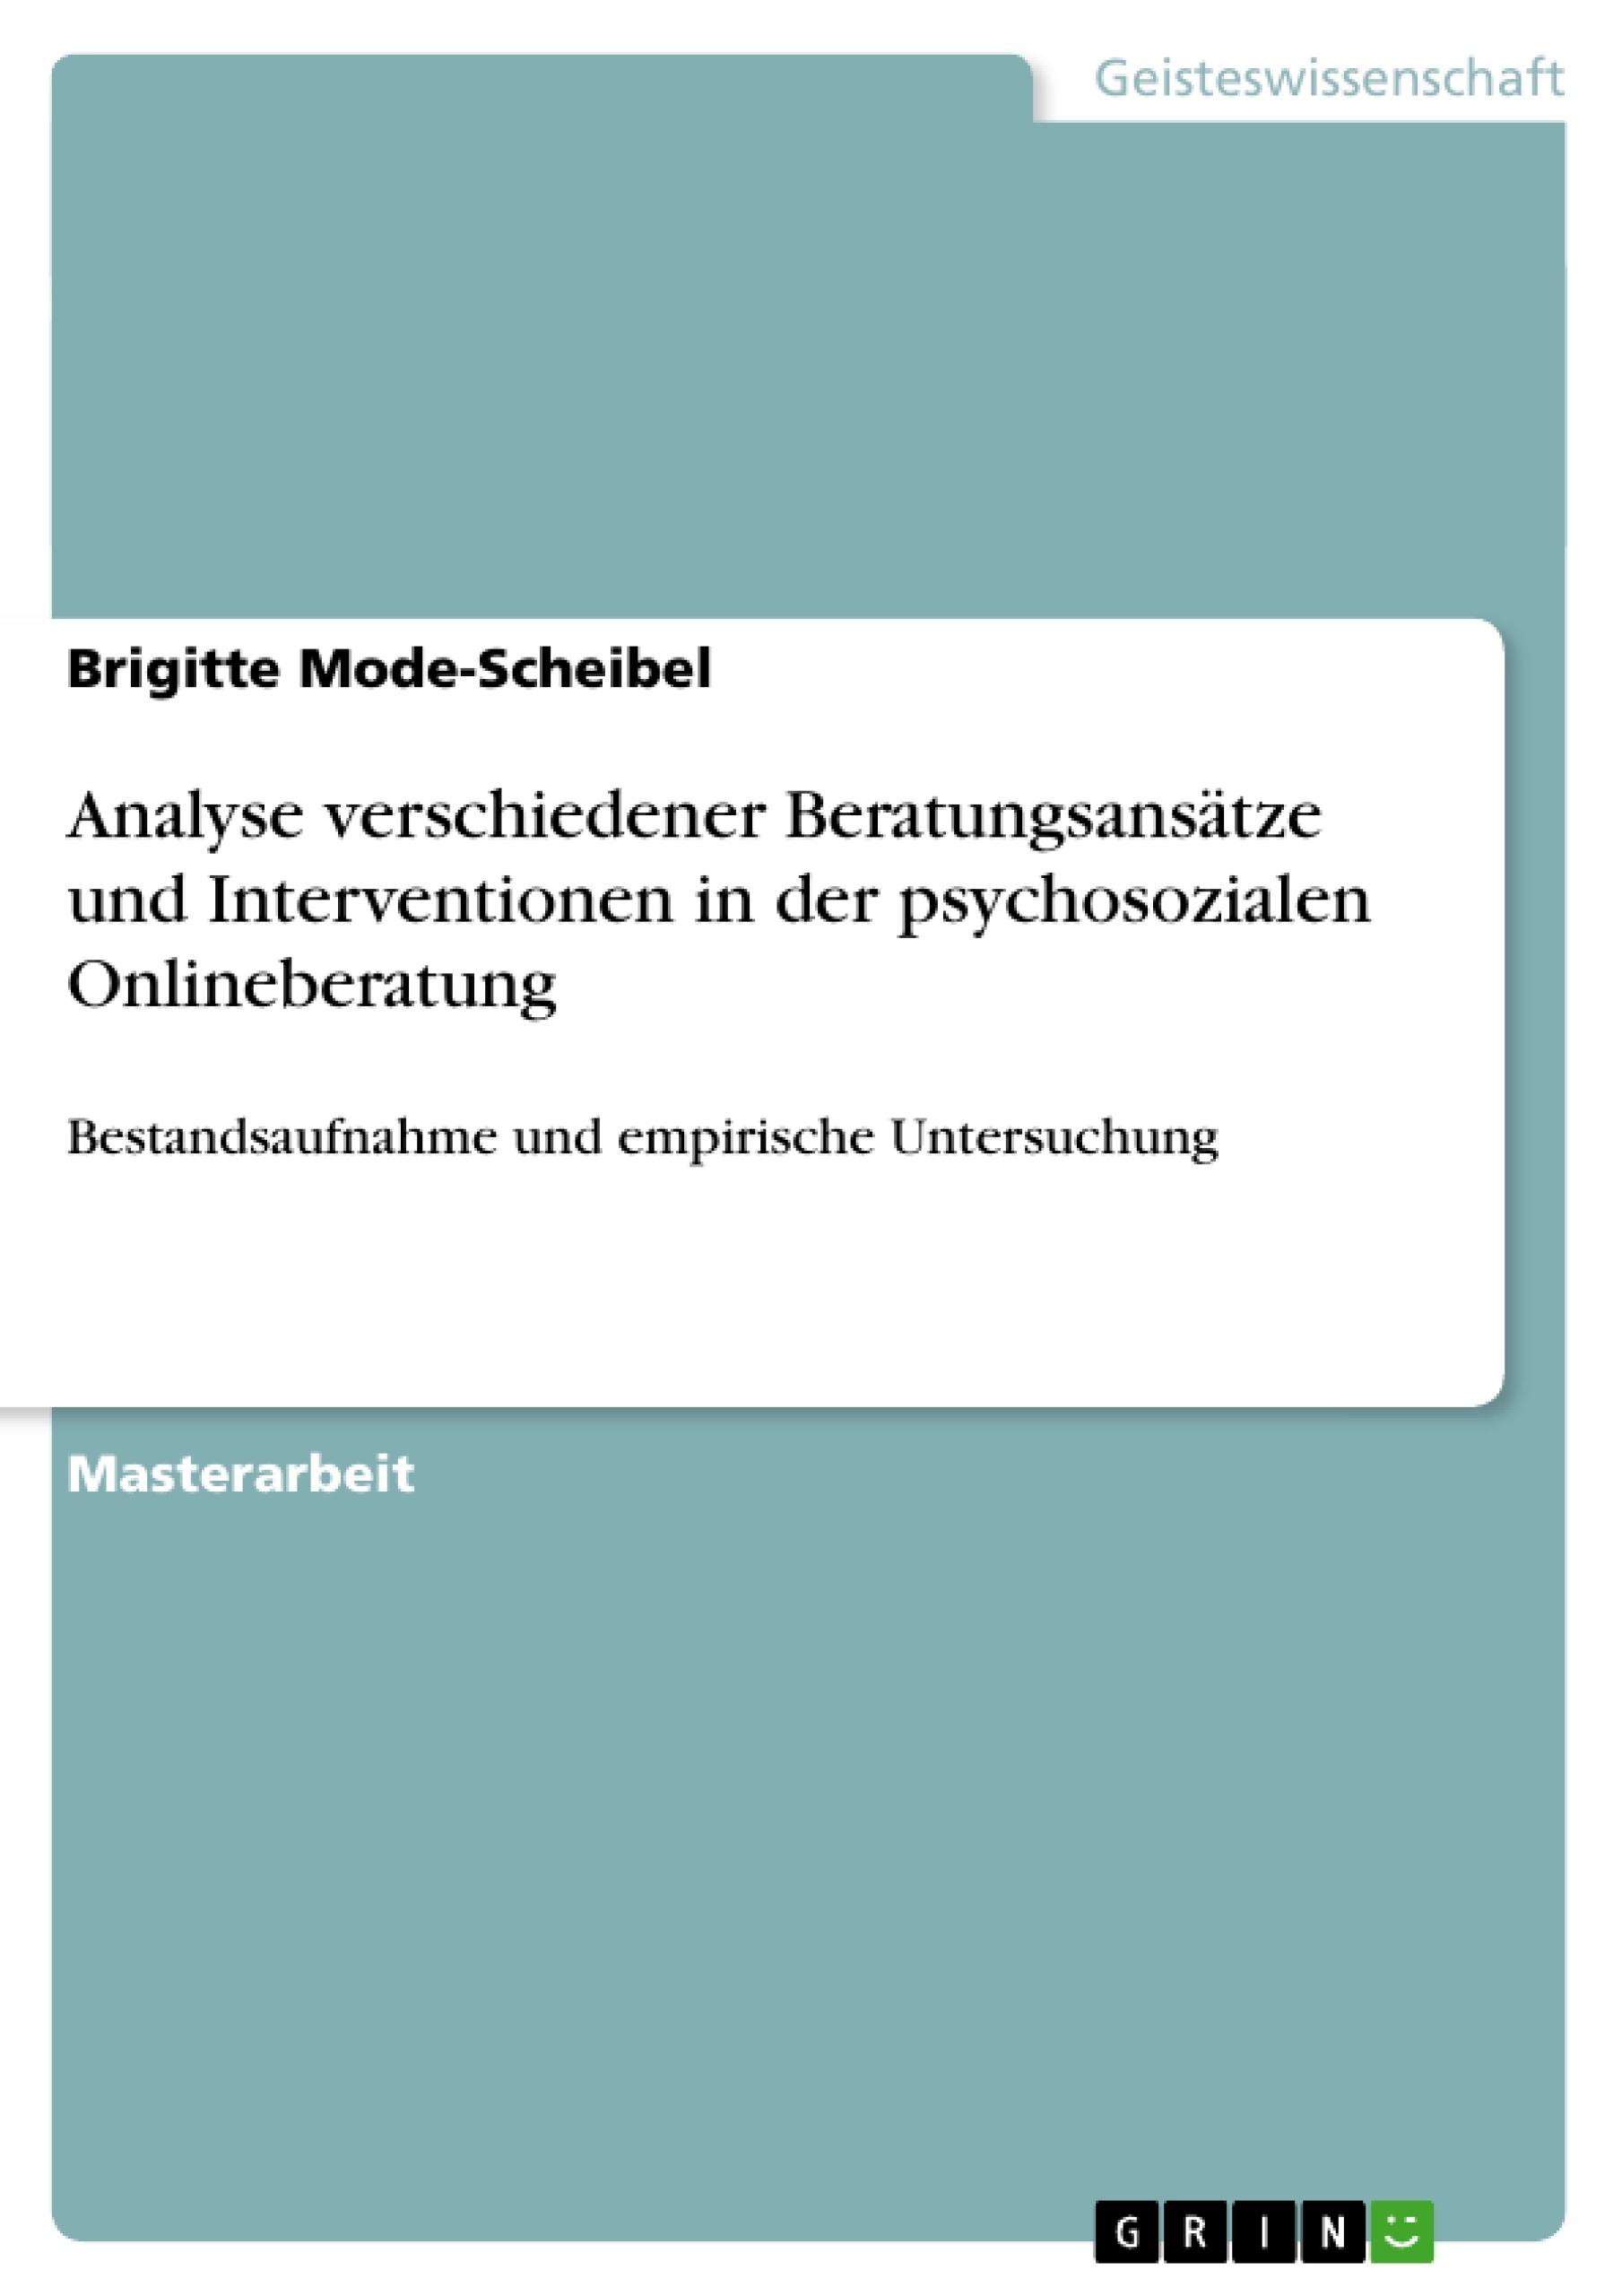 Titel: Analyse verschiedener Beratungsansätze und Interventionen in der psychosozialen Onlineberatung